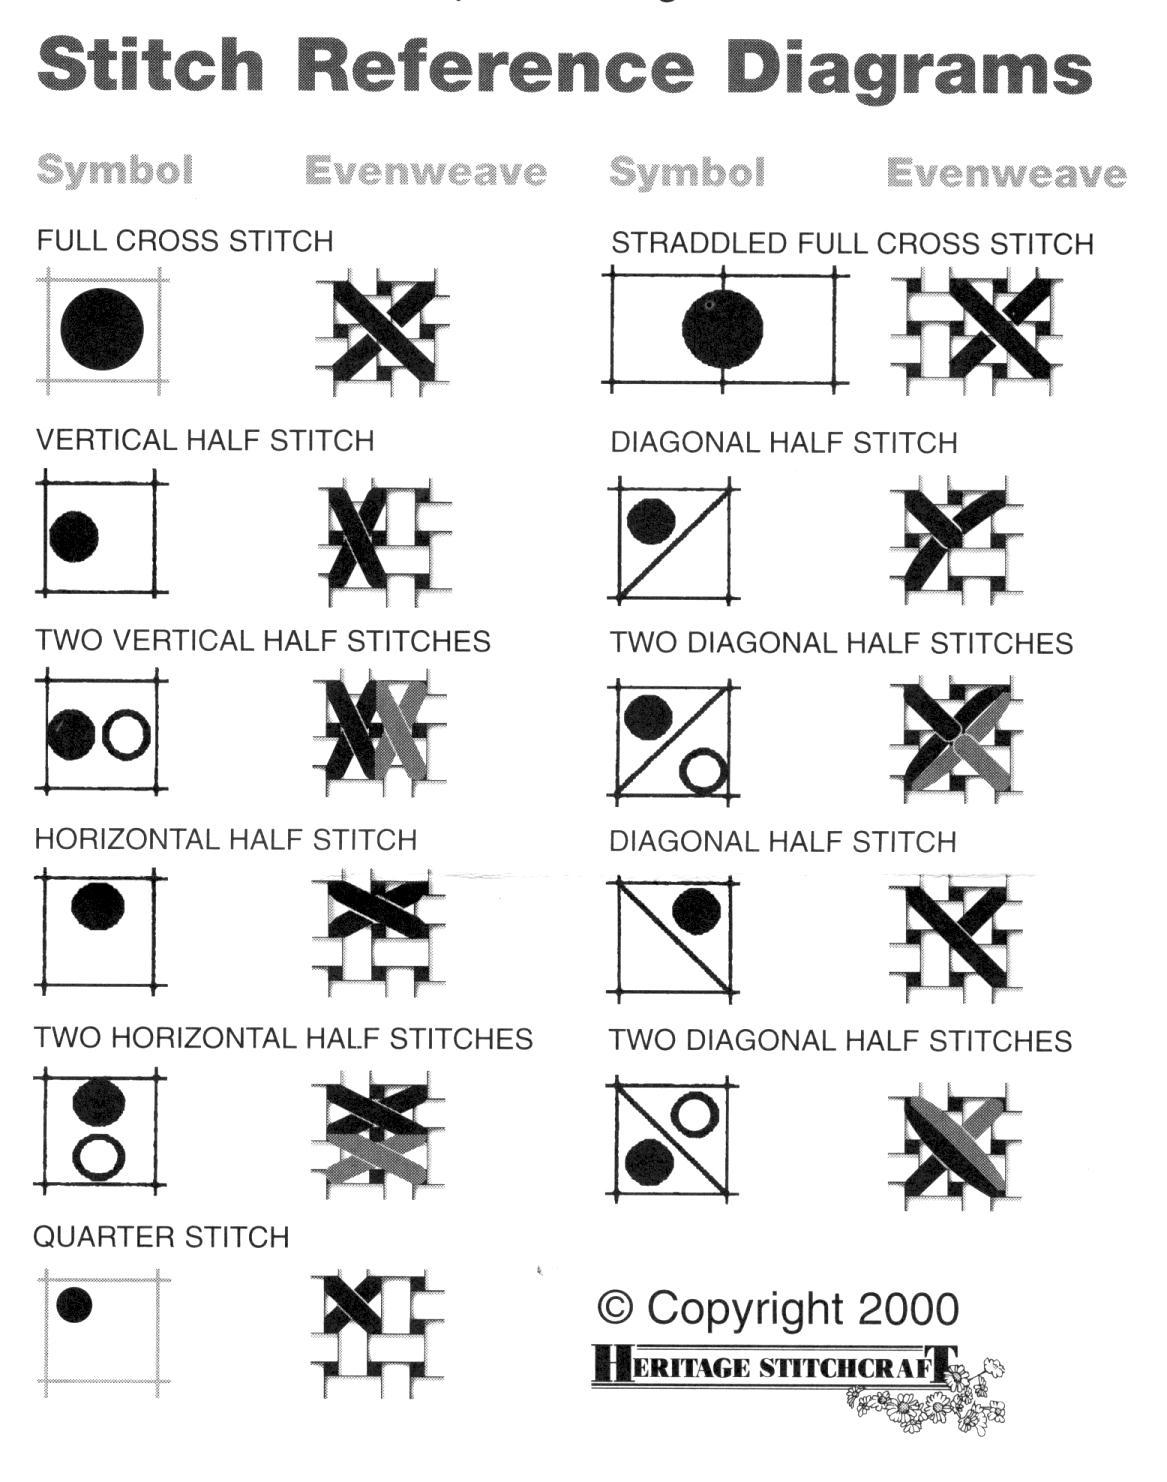 Условные символы при вышивке